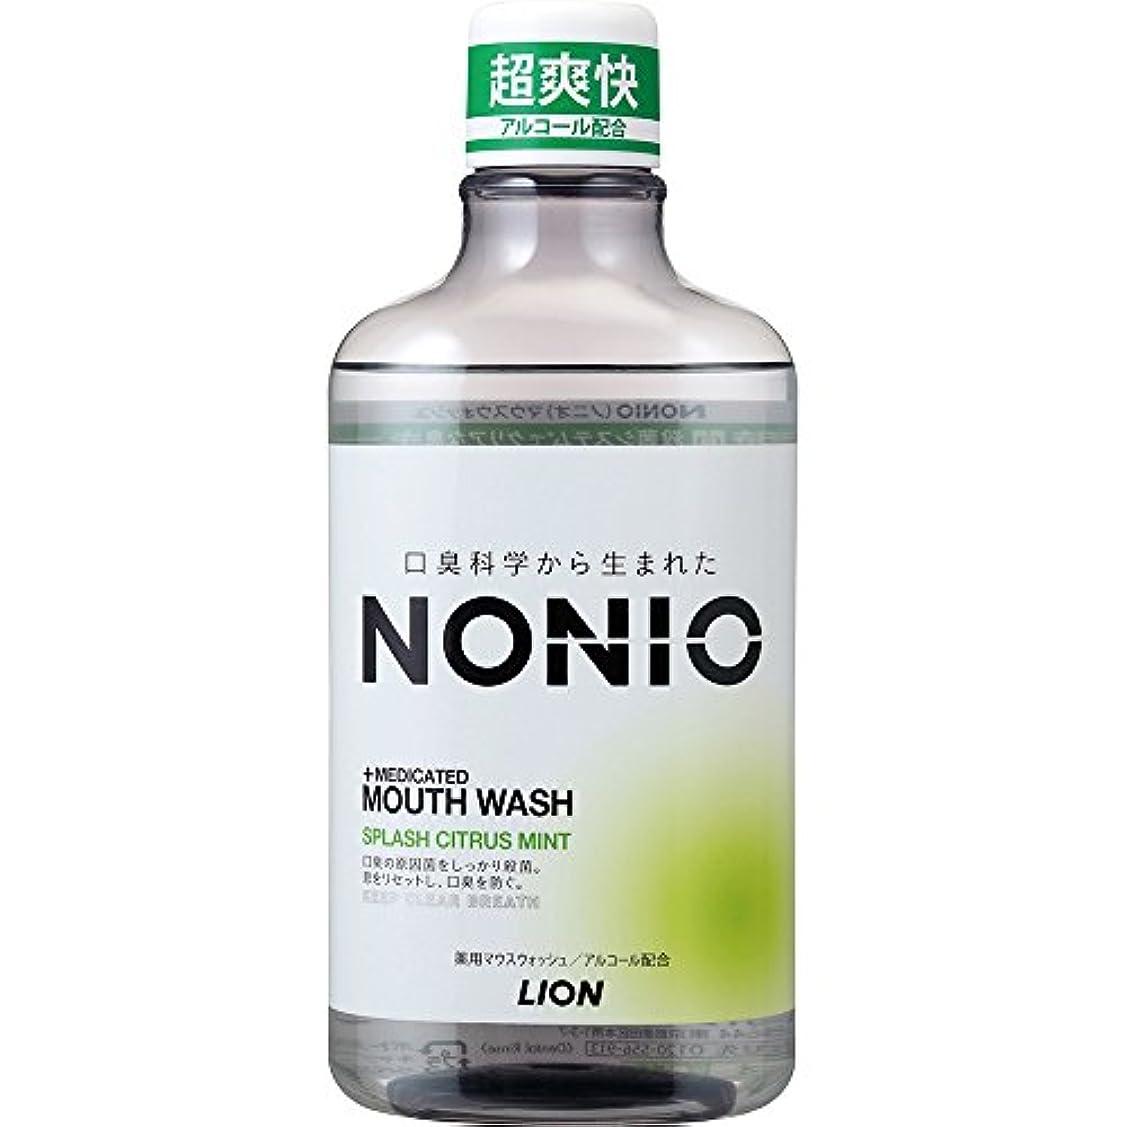 突進きょうだい突き刺す[医薬部外品]NONIO マウスウォッシュ スプラッシュシトラスミント 600ml 洗口液